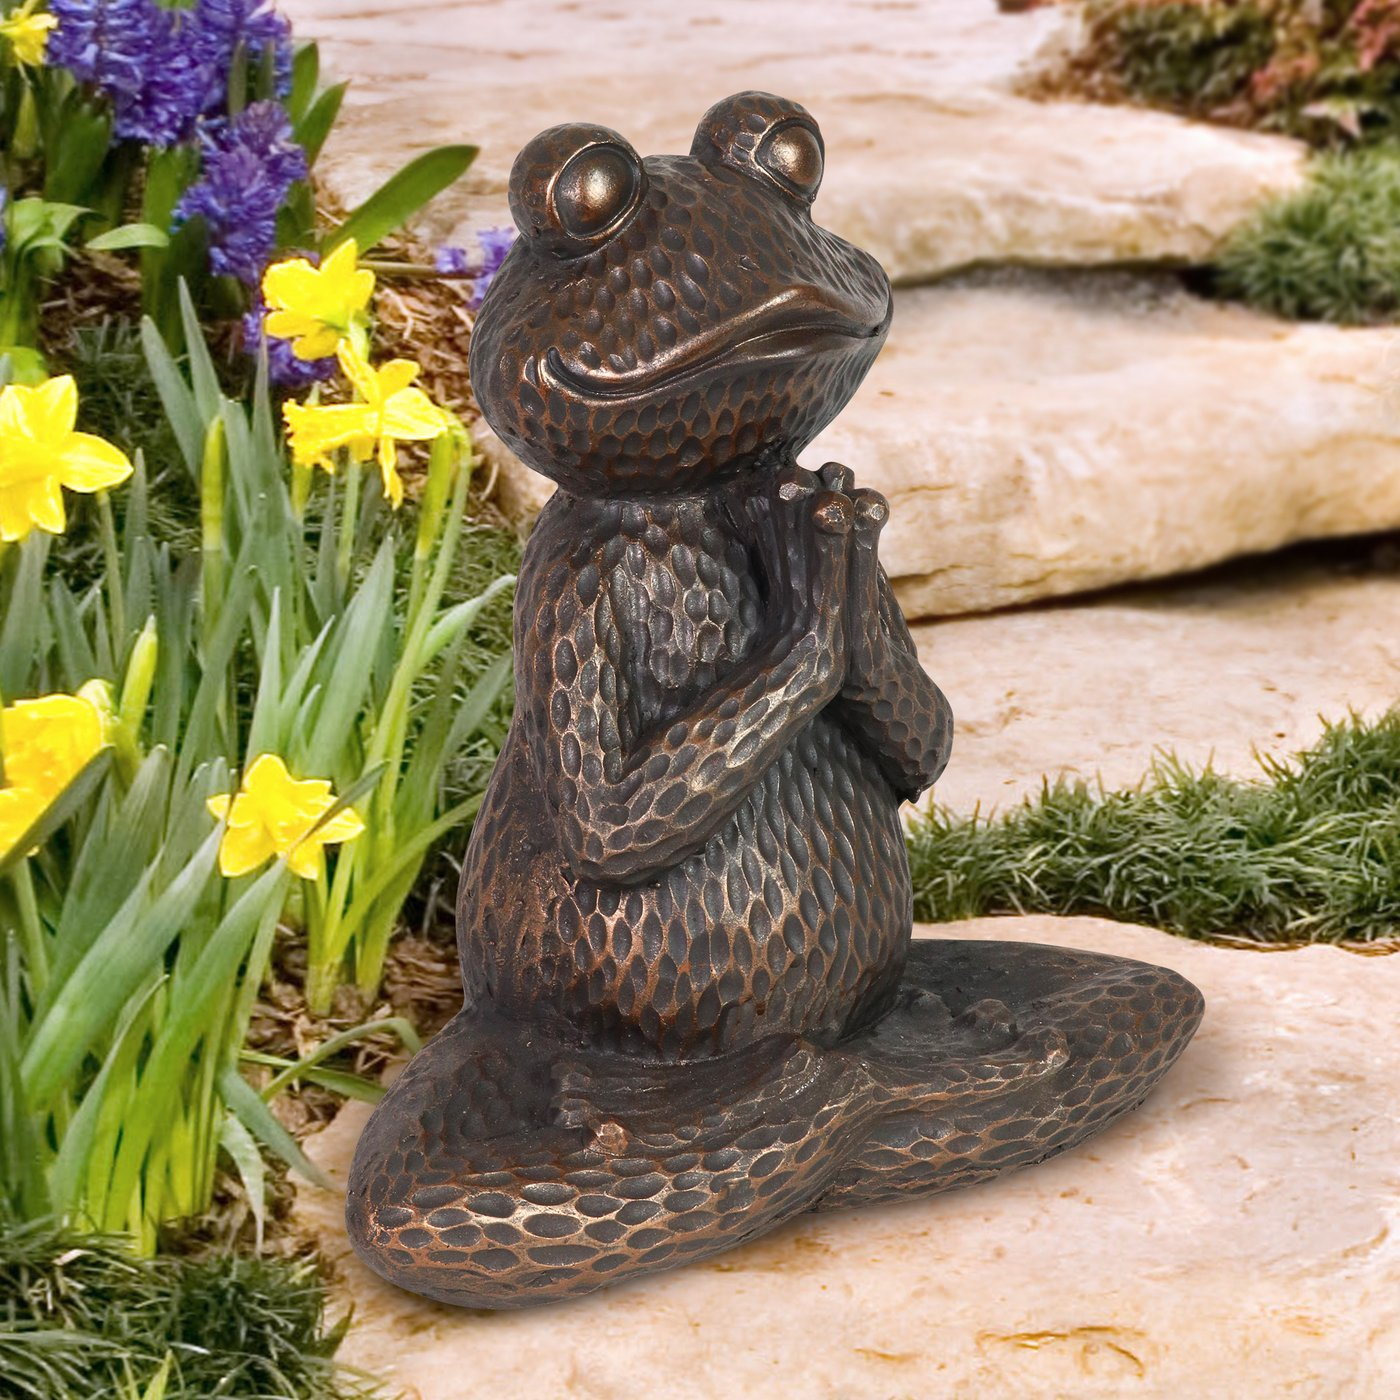 Garden Life Size Sitting Bronze Frog Garden Statue